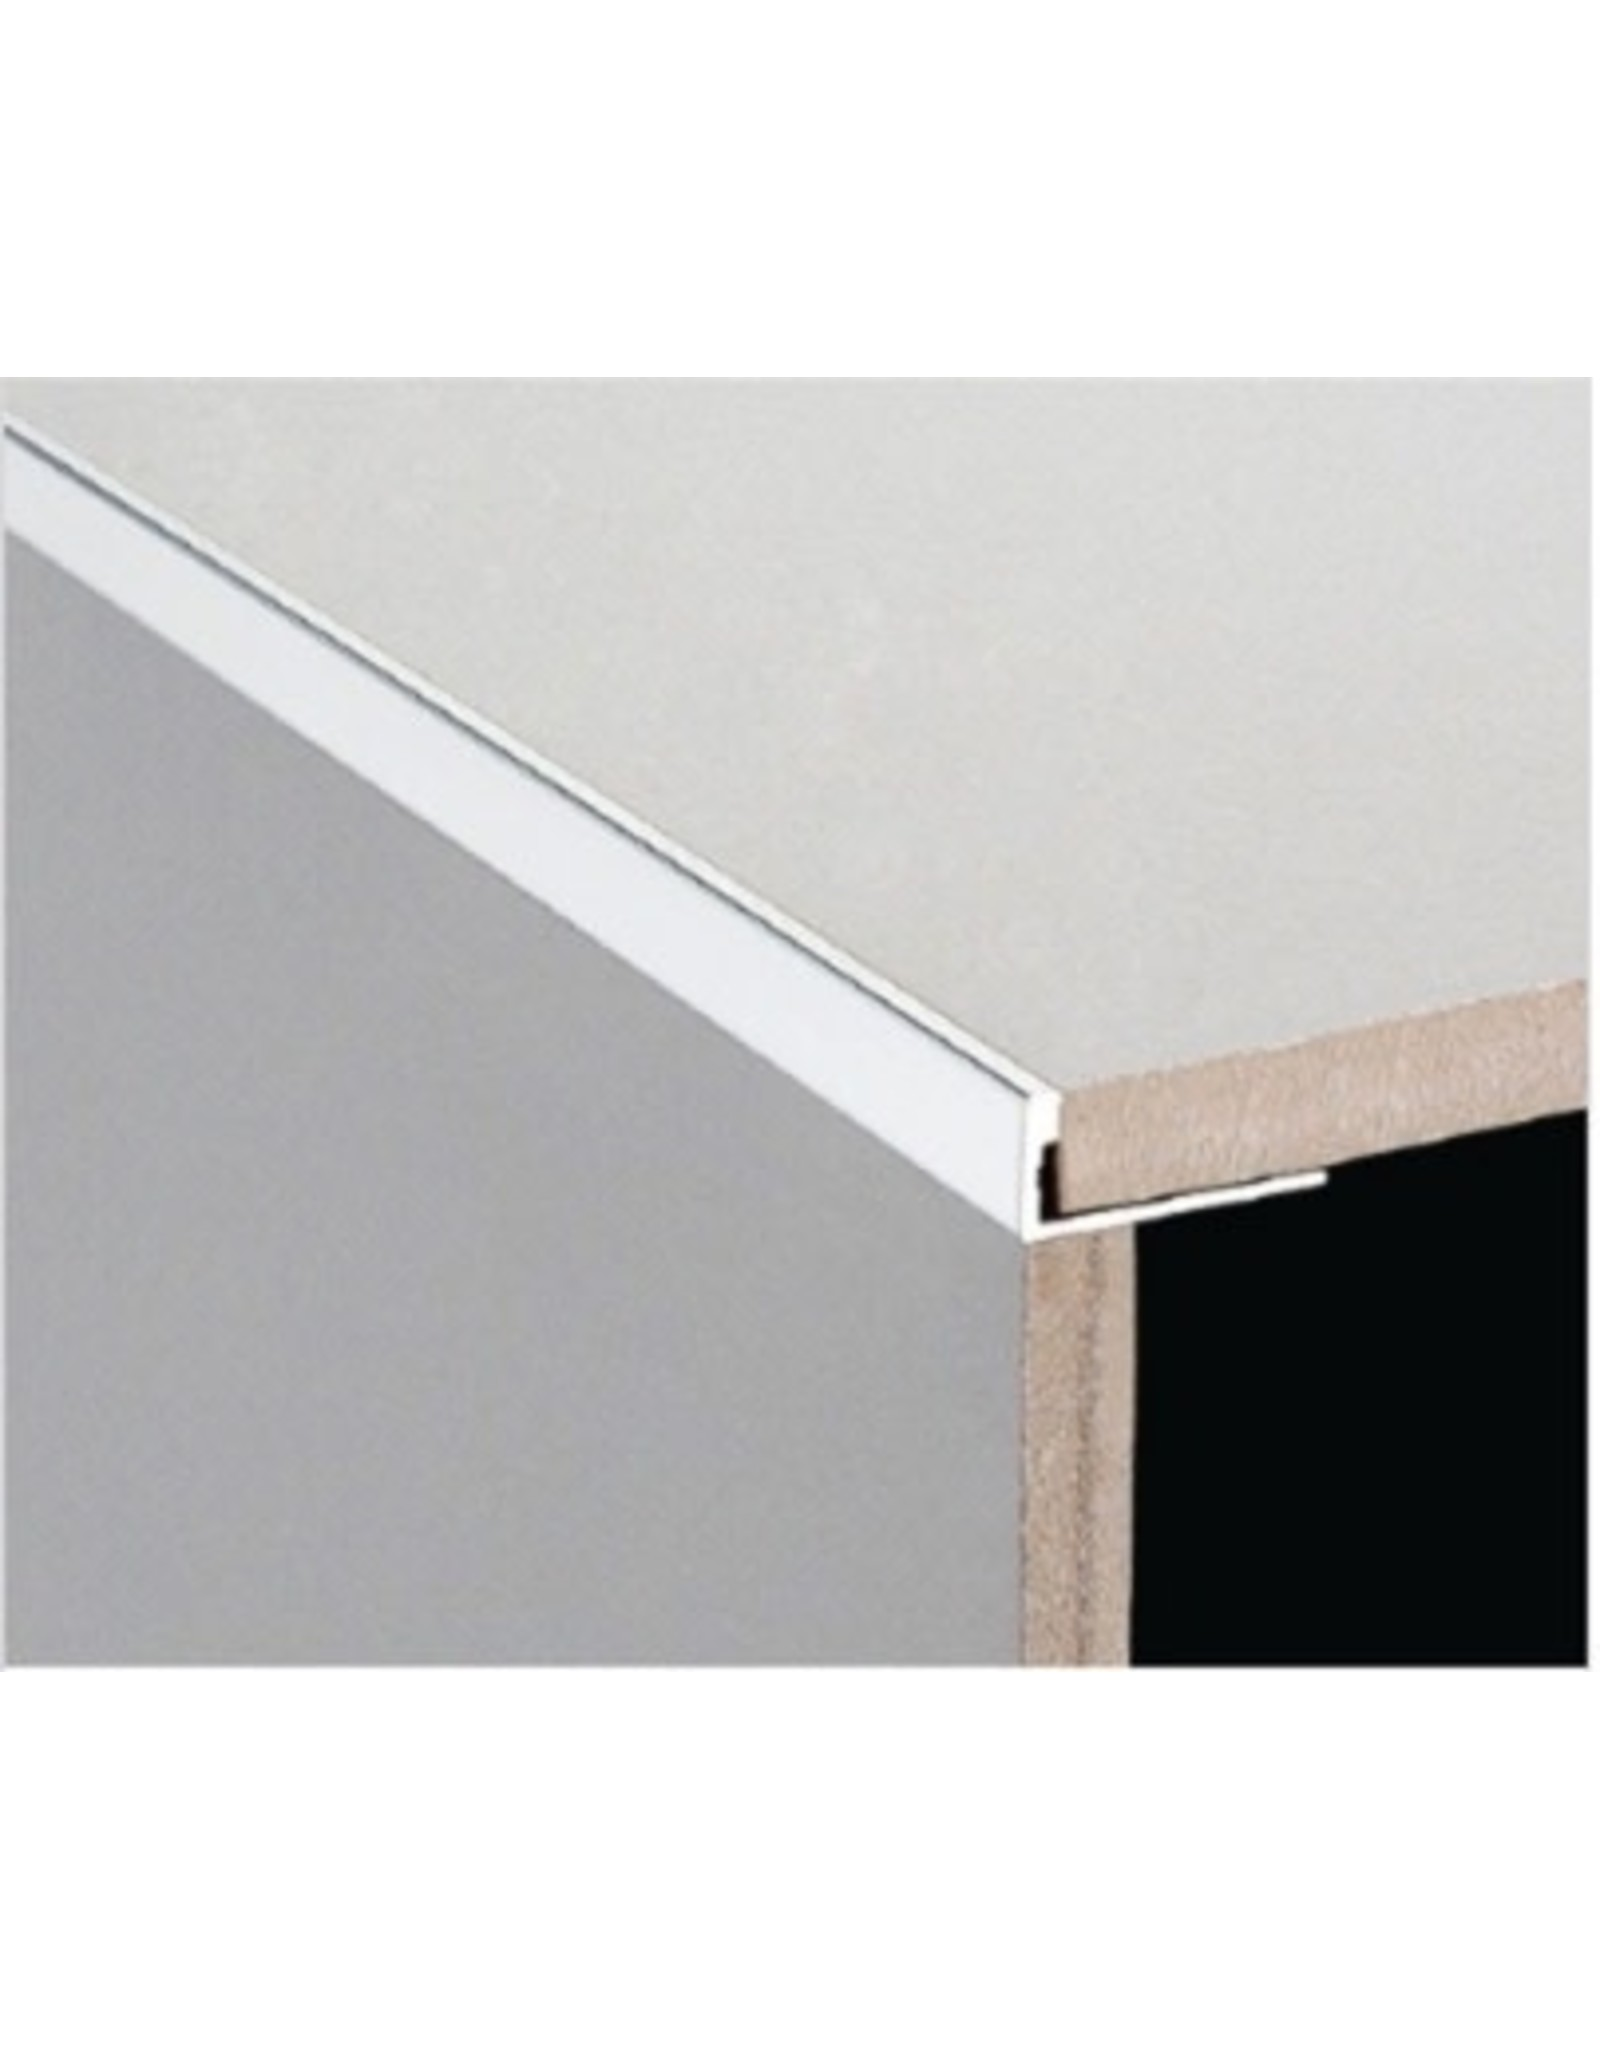 DTA 11mm DTA Aluminium L-Shape Trim Bright Silver